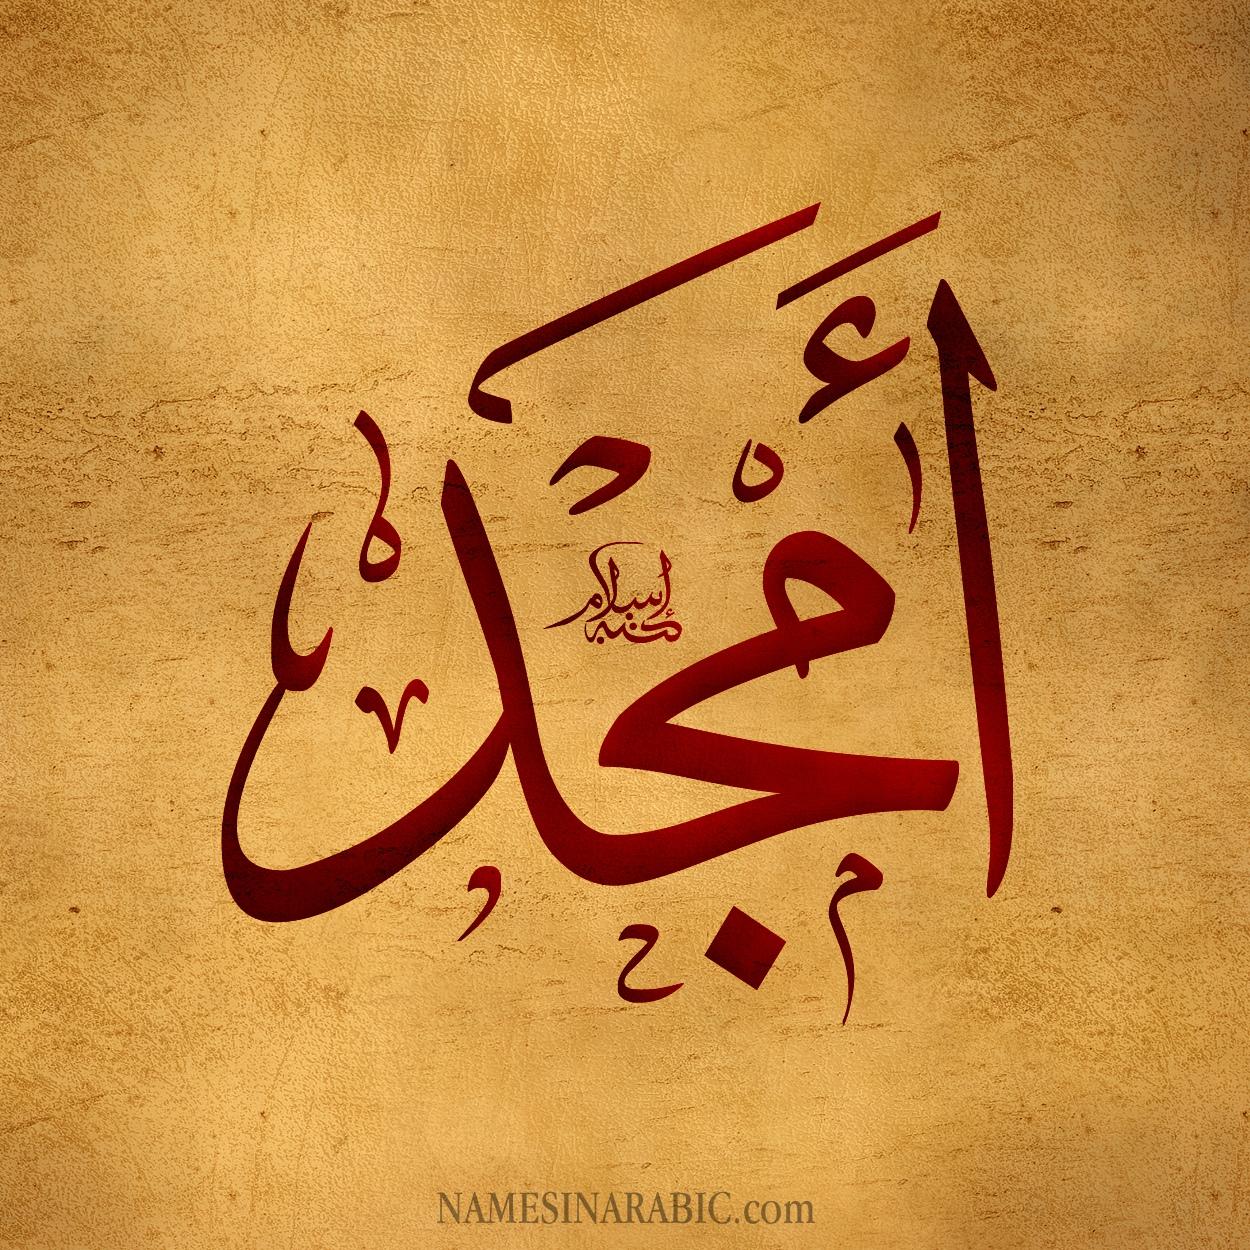 صورة اسم أمجد Amgd اسم أمجد بالخط العربي من موقع الأسماء بالخط العربي بريشة الفنان إسلام ابن الفضل